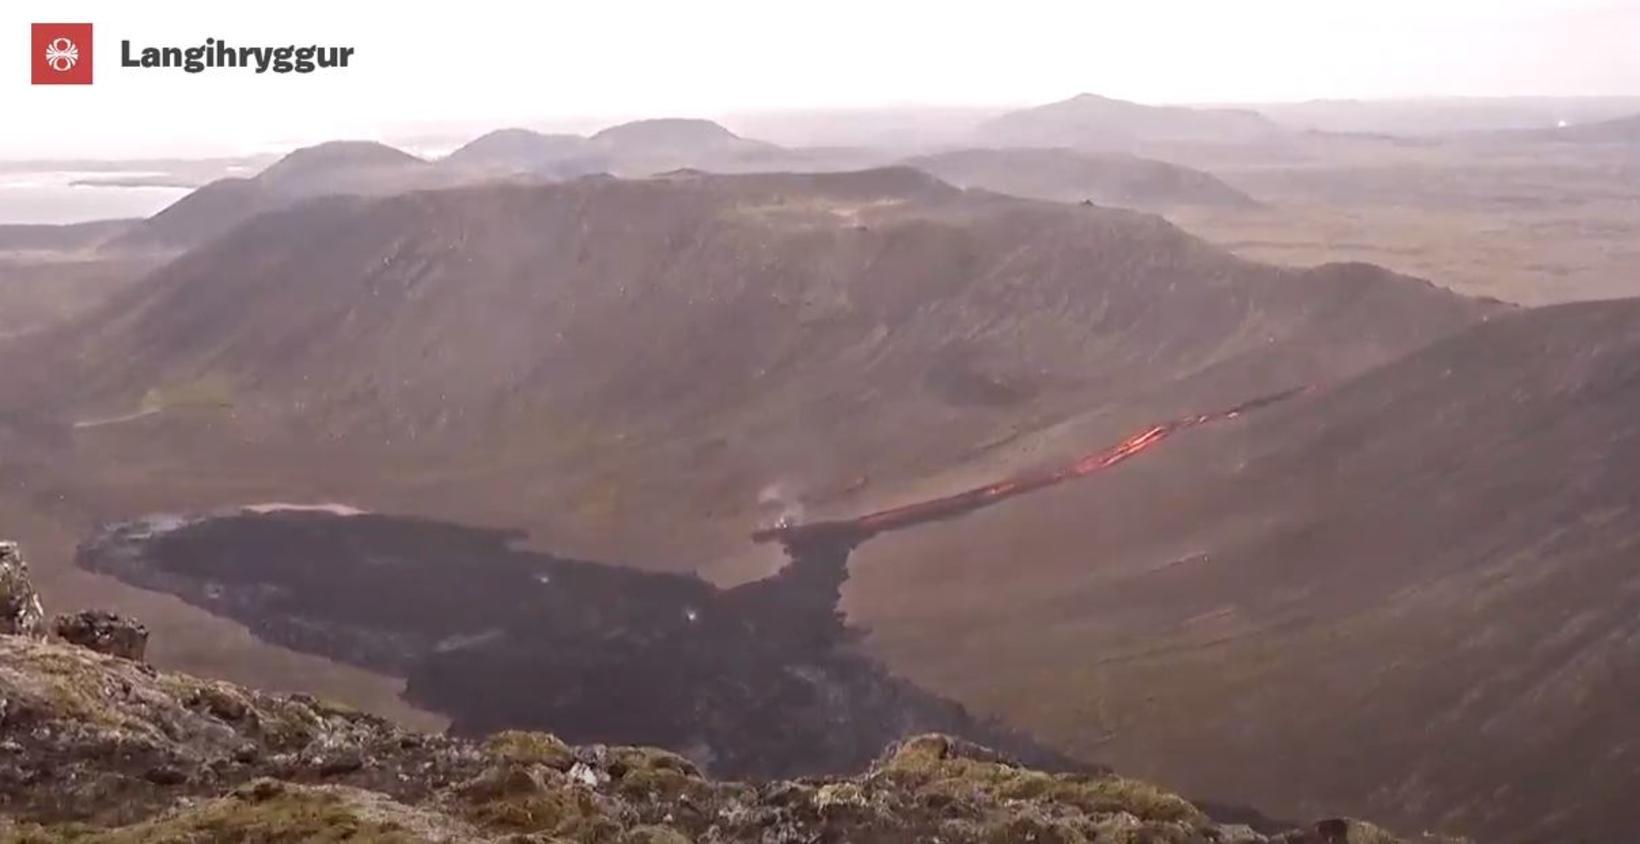 Á vefmyndavél Rúv má sjá hvernig hrauntungan kemur niður gilið …